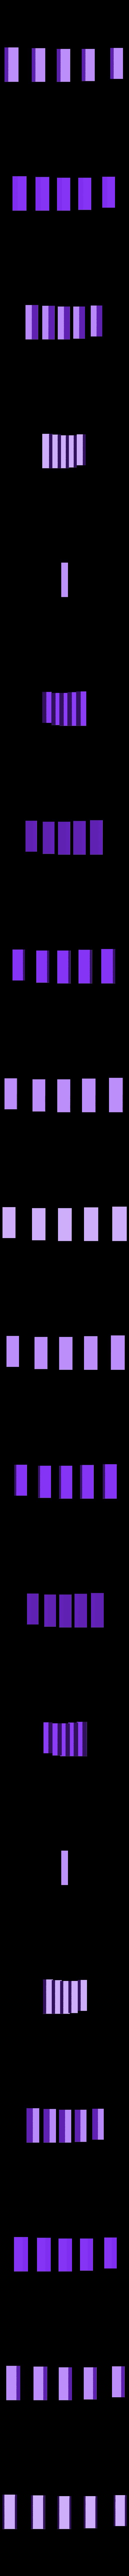 Trapezoidal_Pin_5_sizes.stl Télécharger fichier STL gratuit Coupe flottante améliorée, bon équilibre • Modèle imprimable en 3D, bwaslo